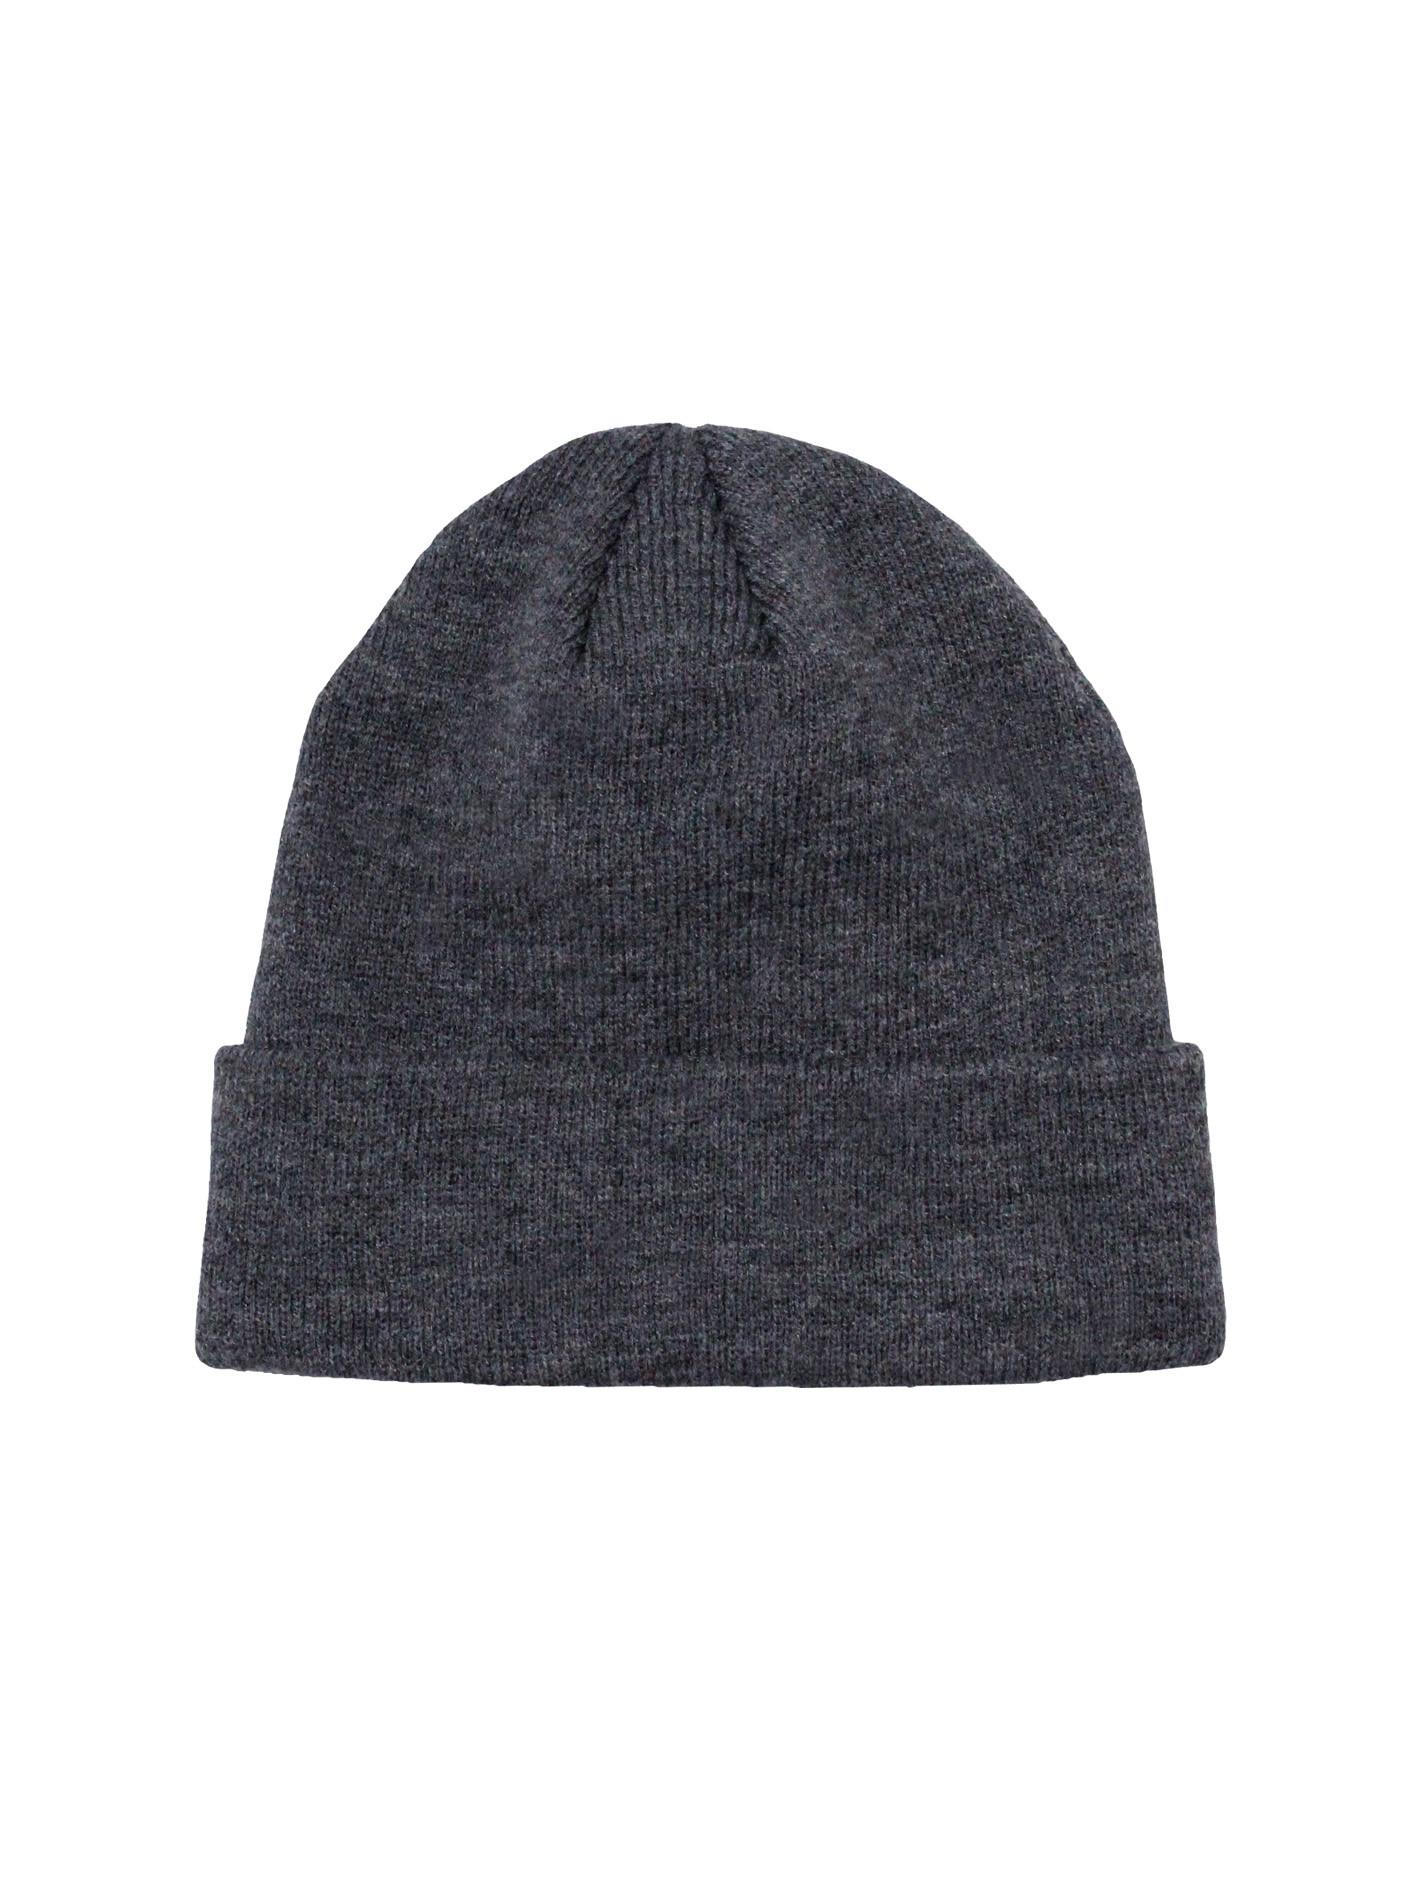 Tuque unisexe - Grey